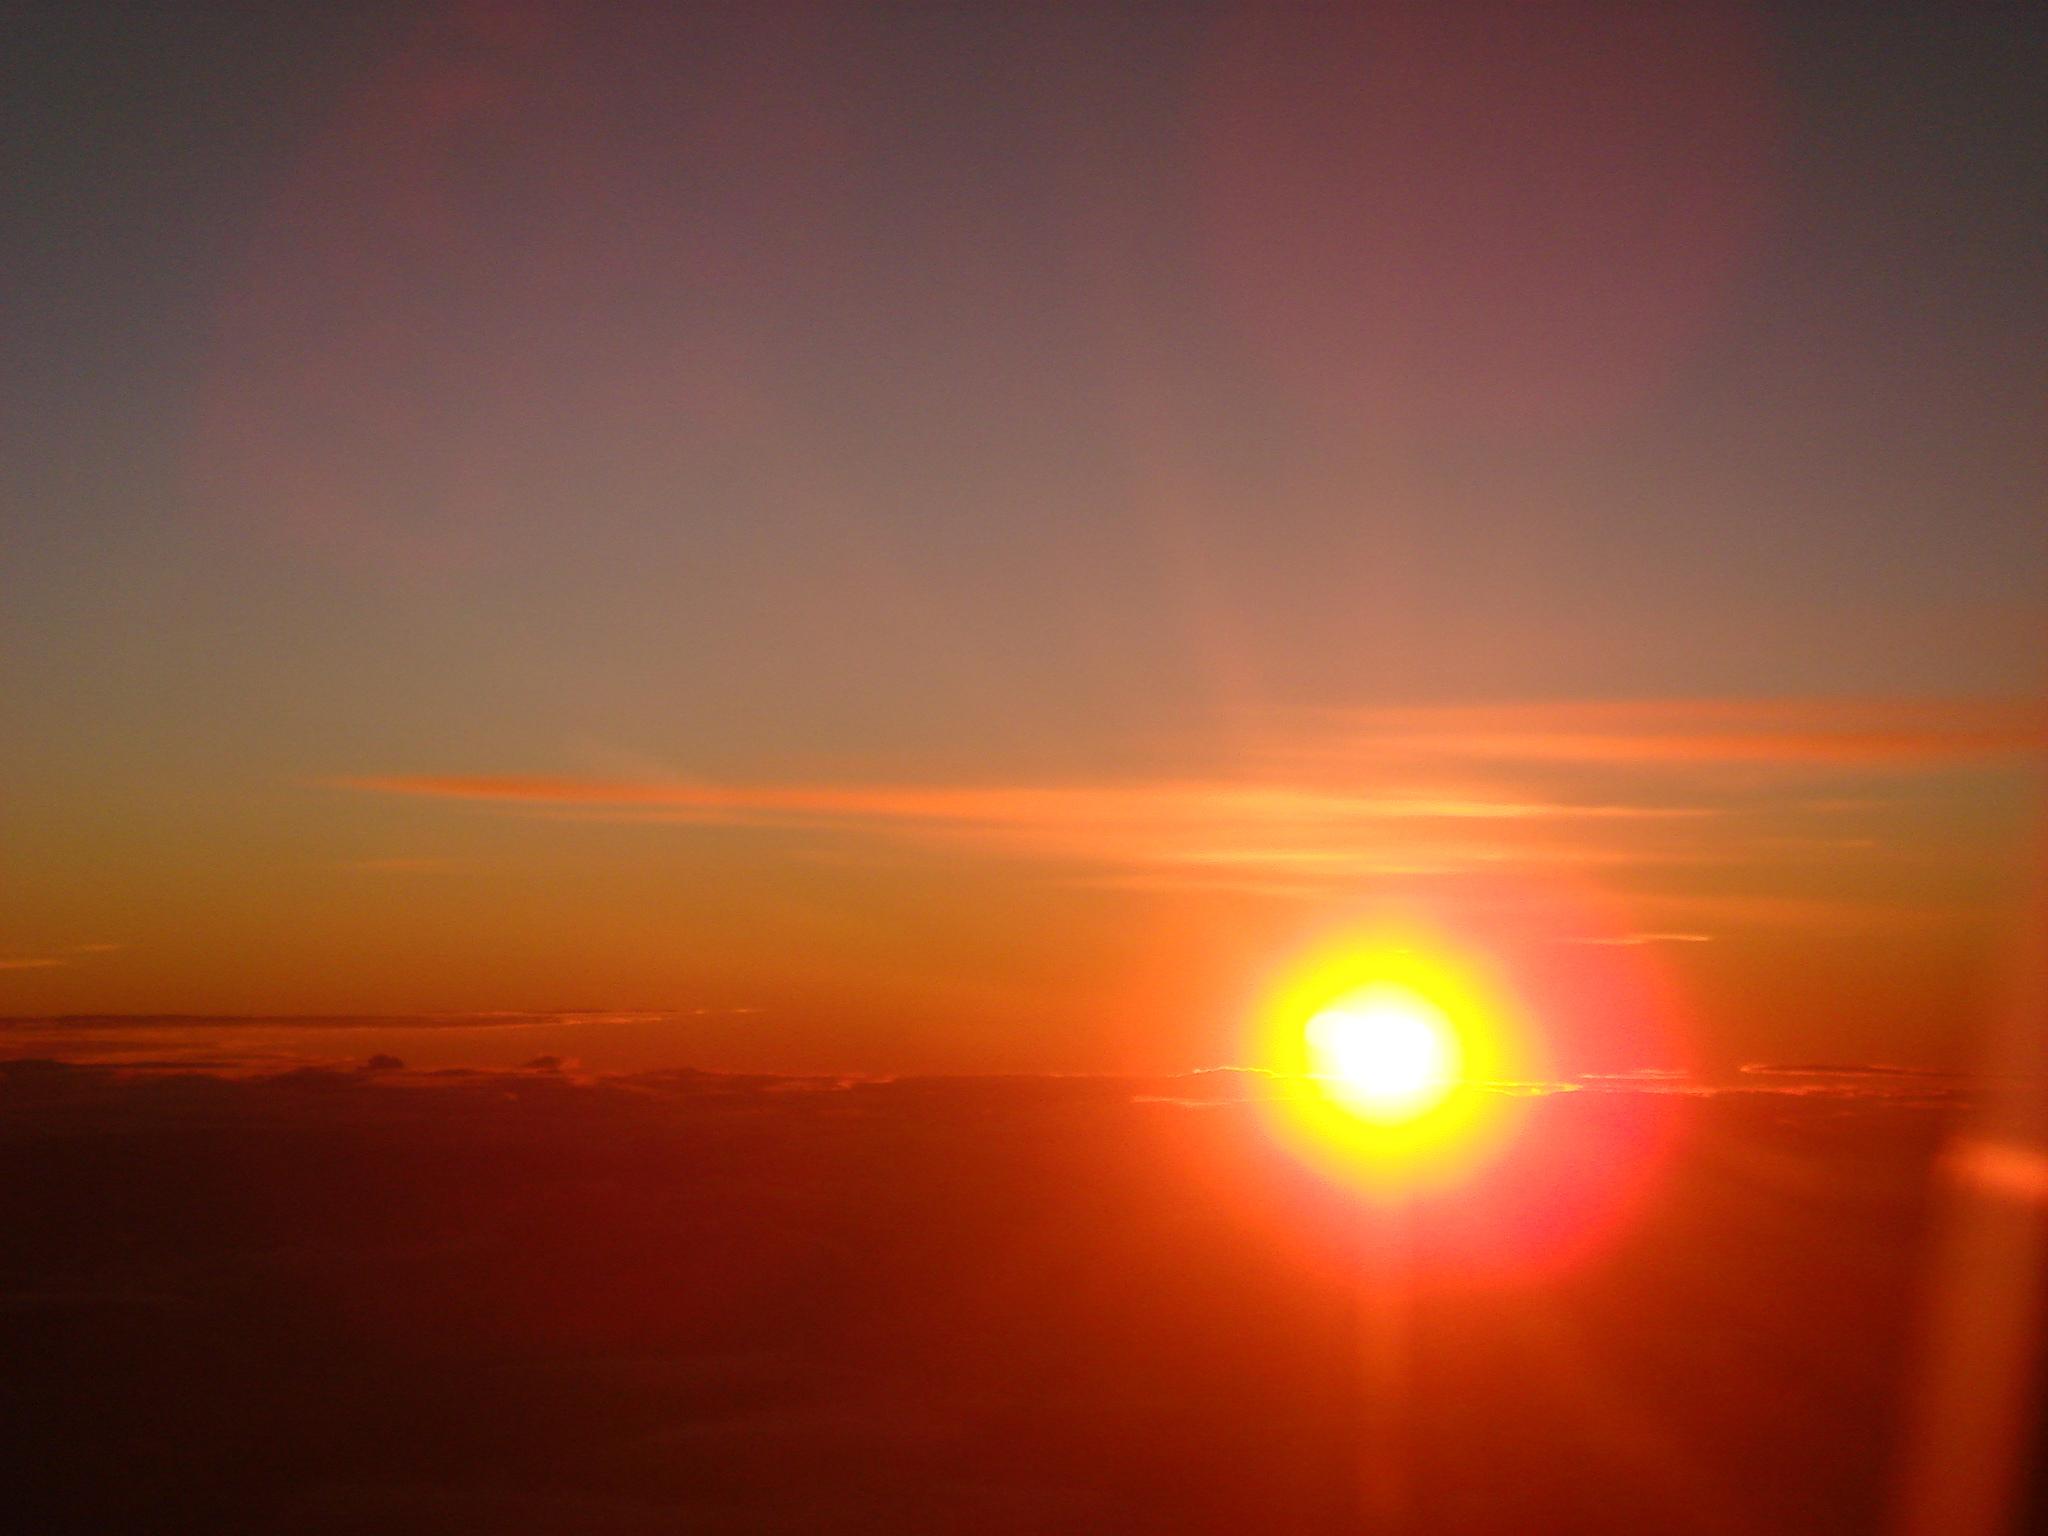 Un soleil et ses rayons, Changement climatique, réchauffement global